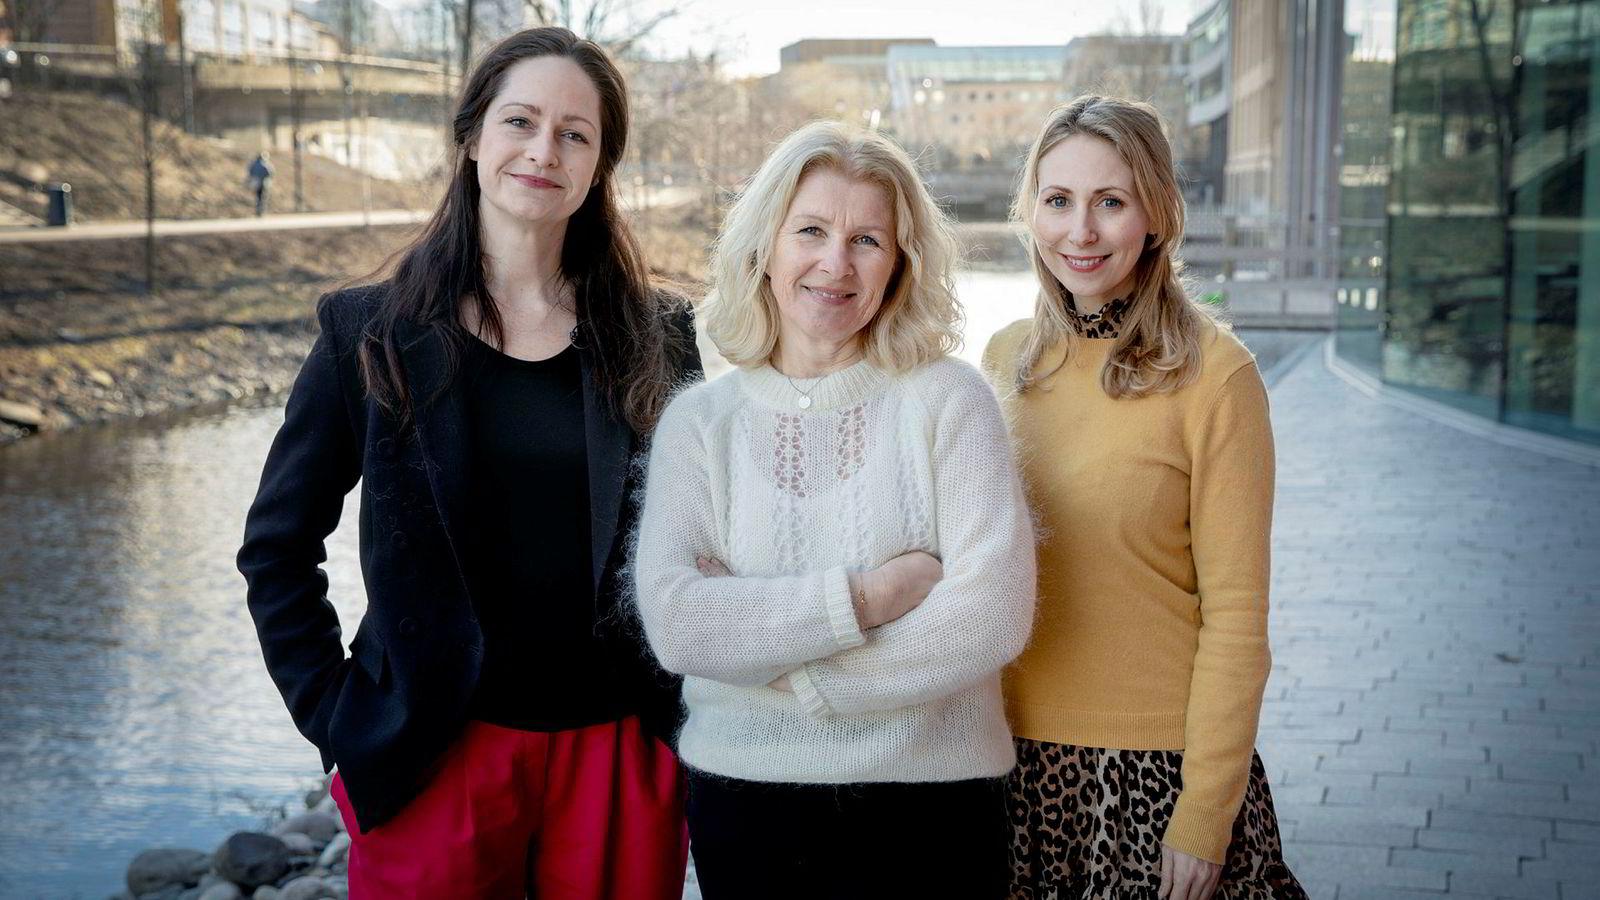 Innholdssjef Janne Johannessen (fra venstre), kommentator Anita Hoemsnes og journalist Jorun Sofie F. Aartun i Dagens Næringsliv styrer Facebook-gruppen DN Kvinner.